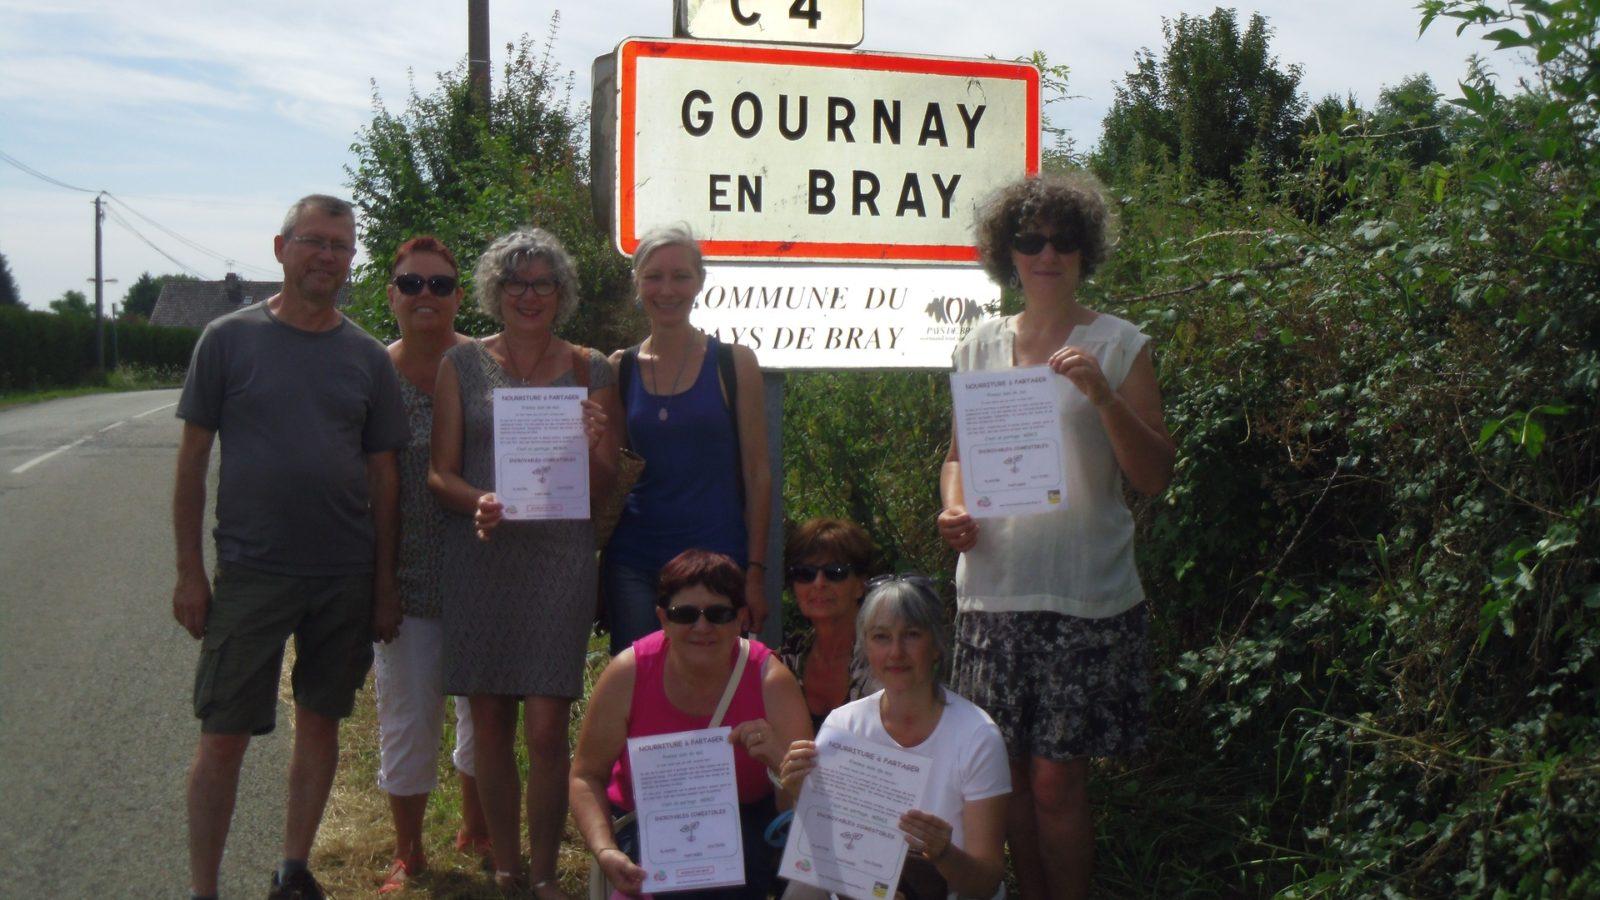 GOURNAY EN BRAY